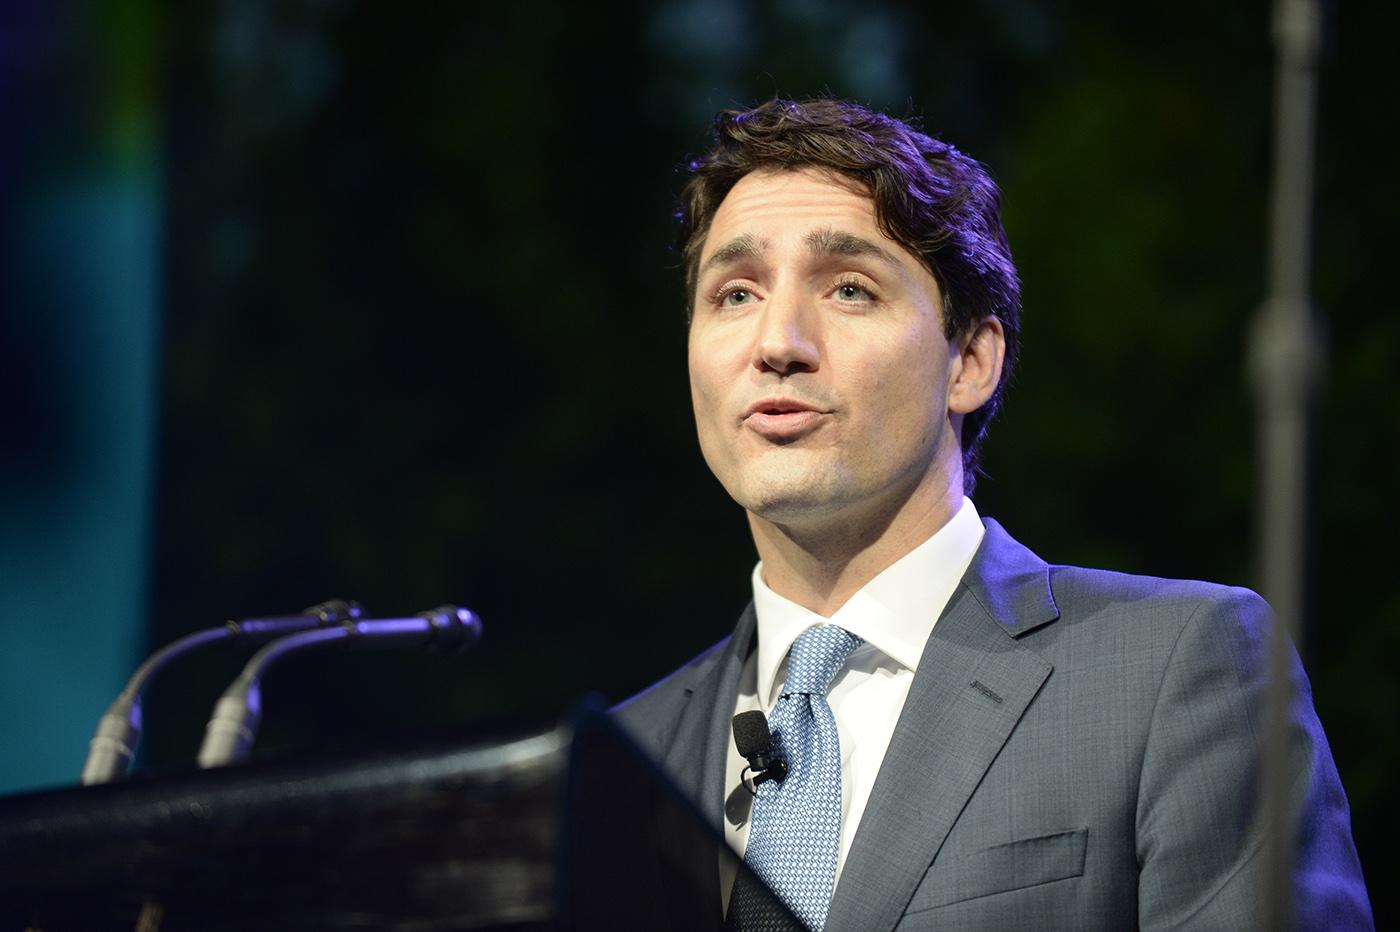 Canada PM Trudeau addresses CERAWeek 2017